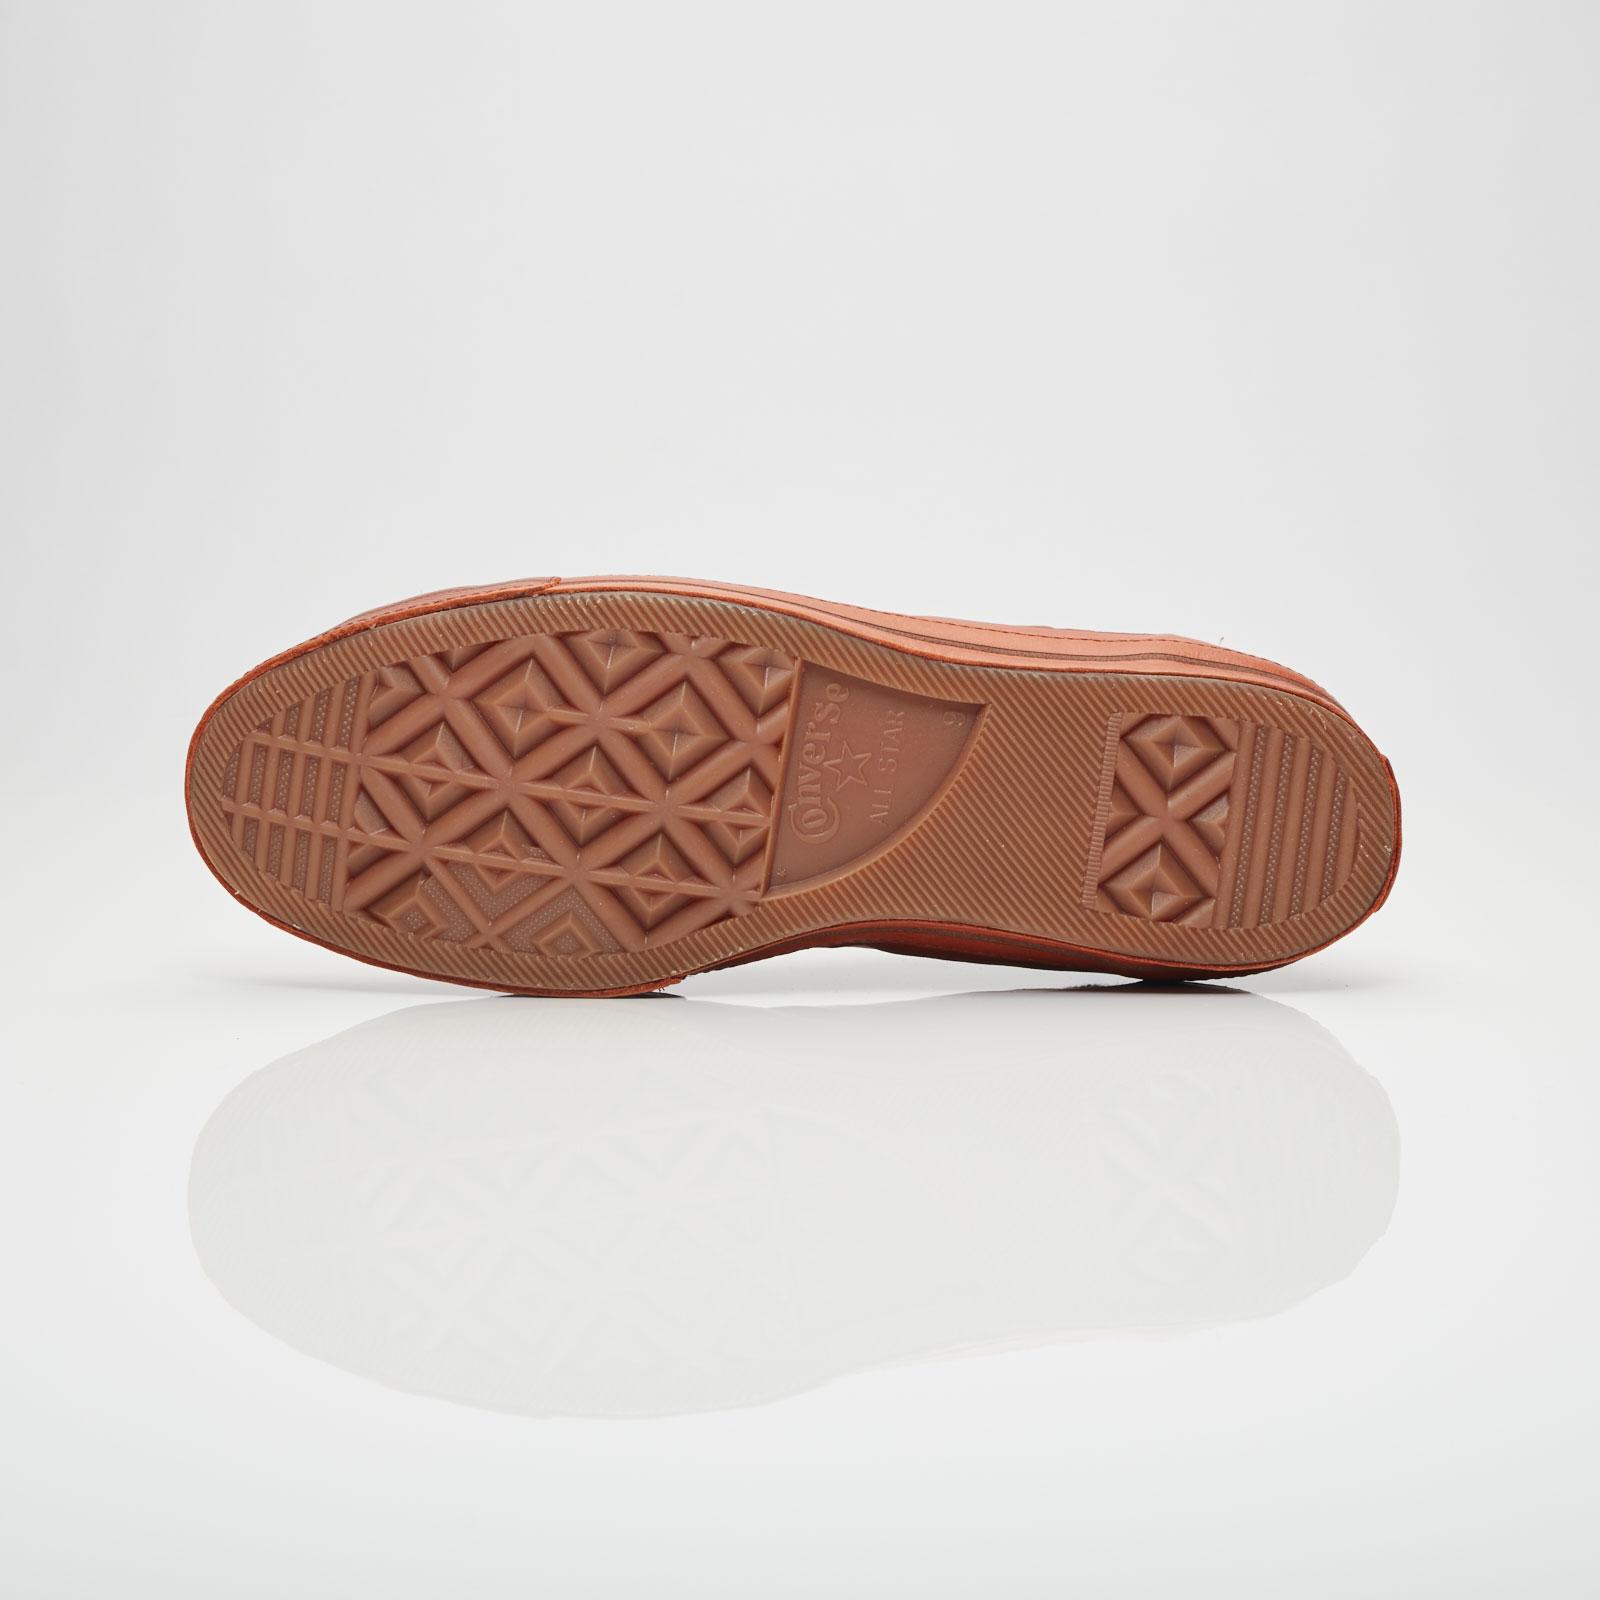 879b22edf3f9 Converse Chuck 70s Slip x Missoni - 157259c - Sneakersnstuff ...